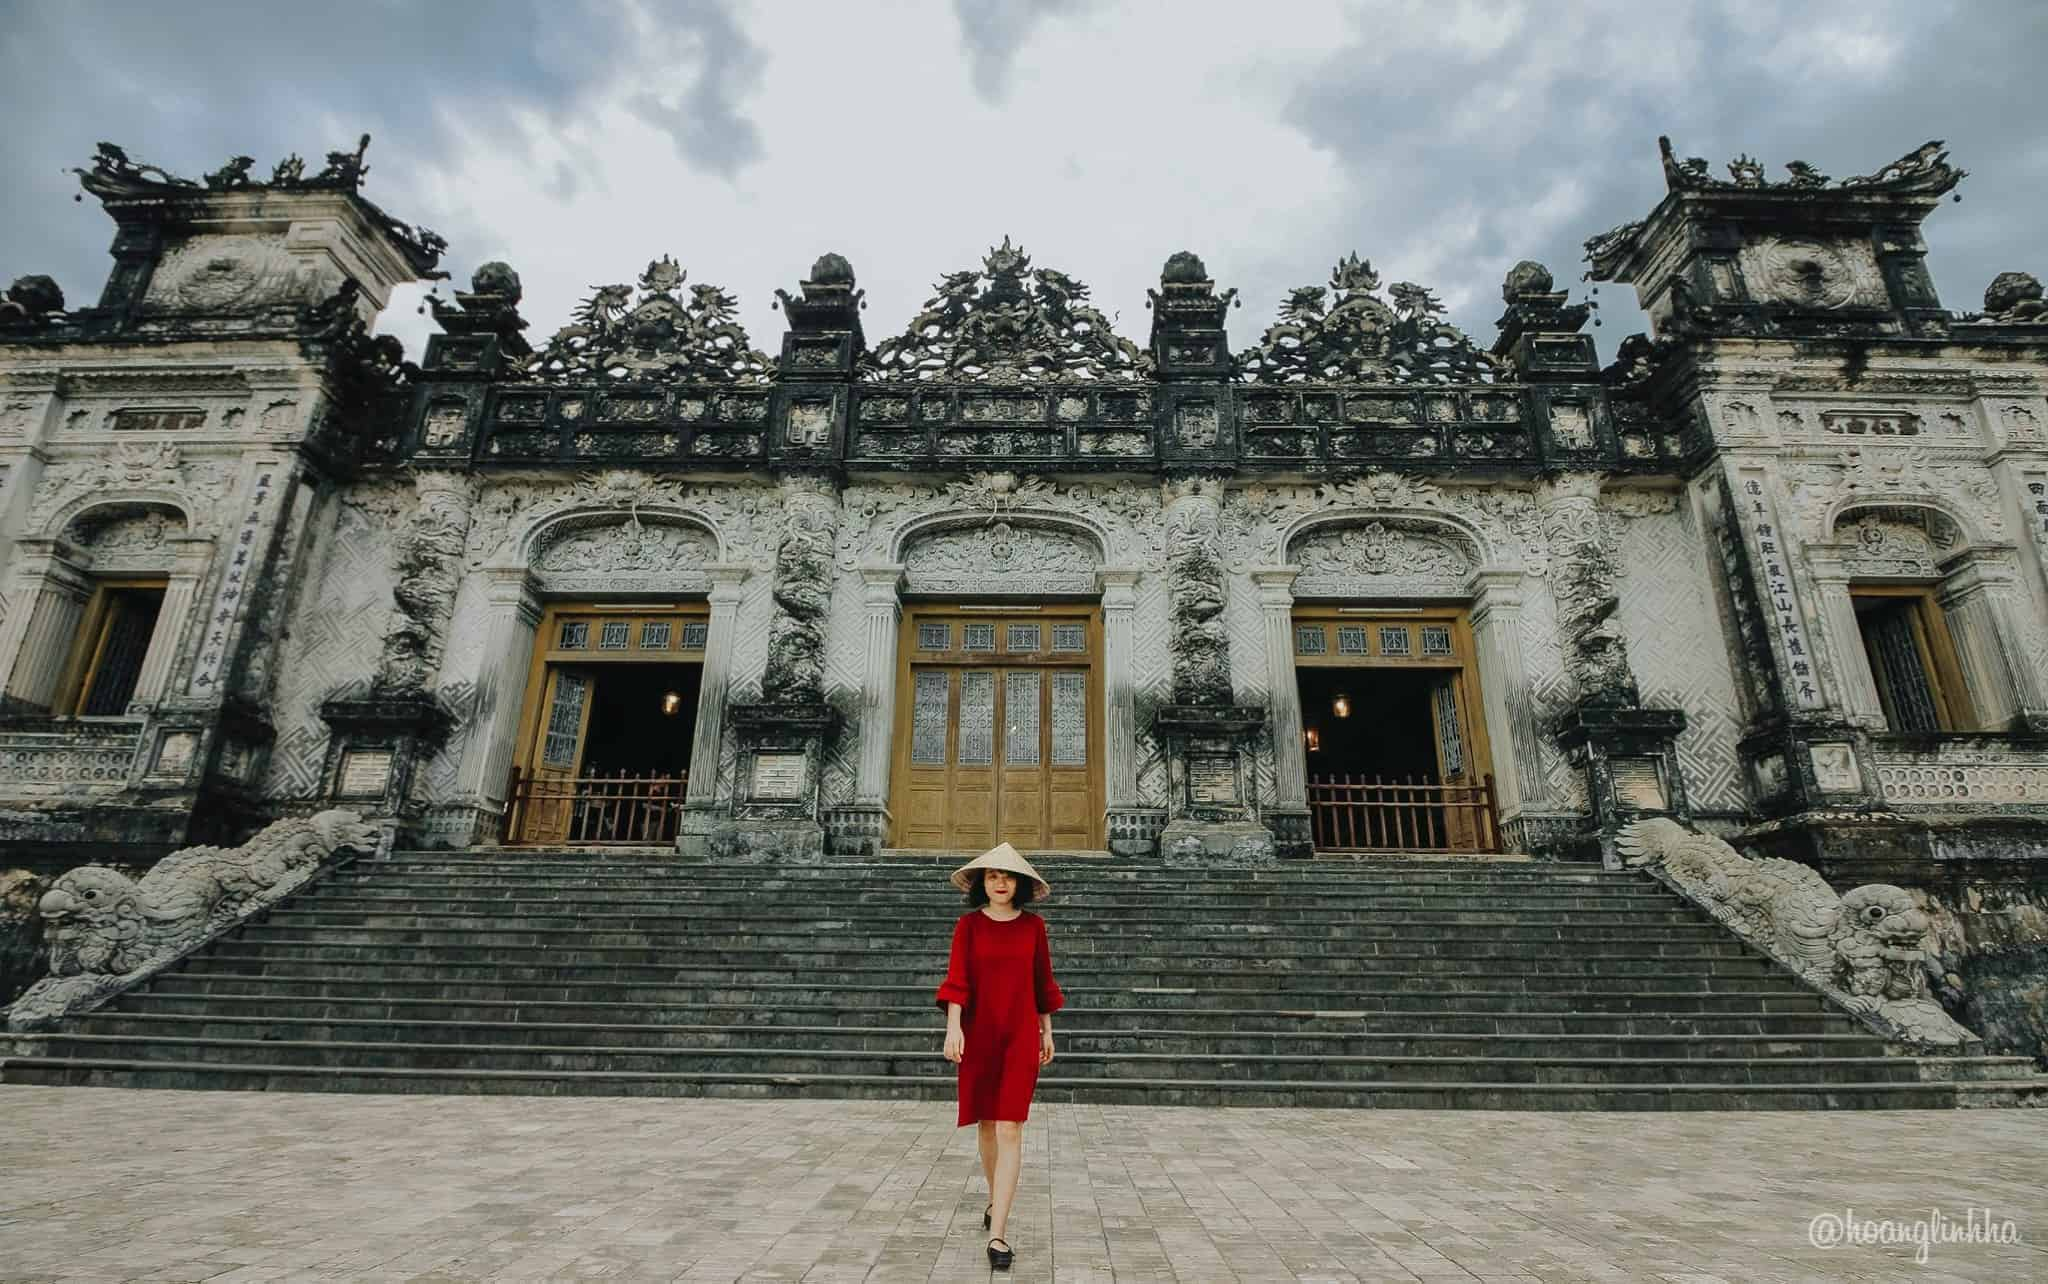 Lăng Khải Định, điểm nhấn trong kiến trúc Huế. Hình: Hoàng Linh Hà